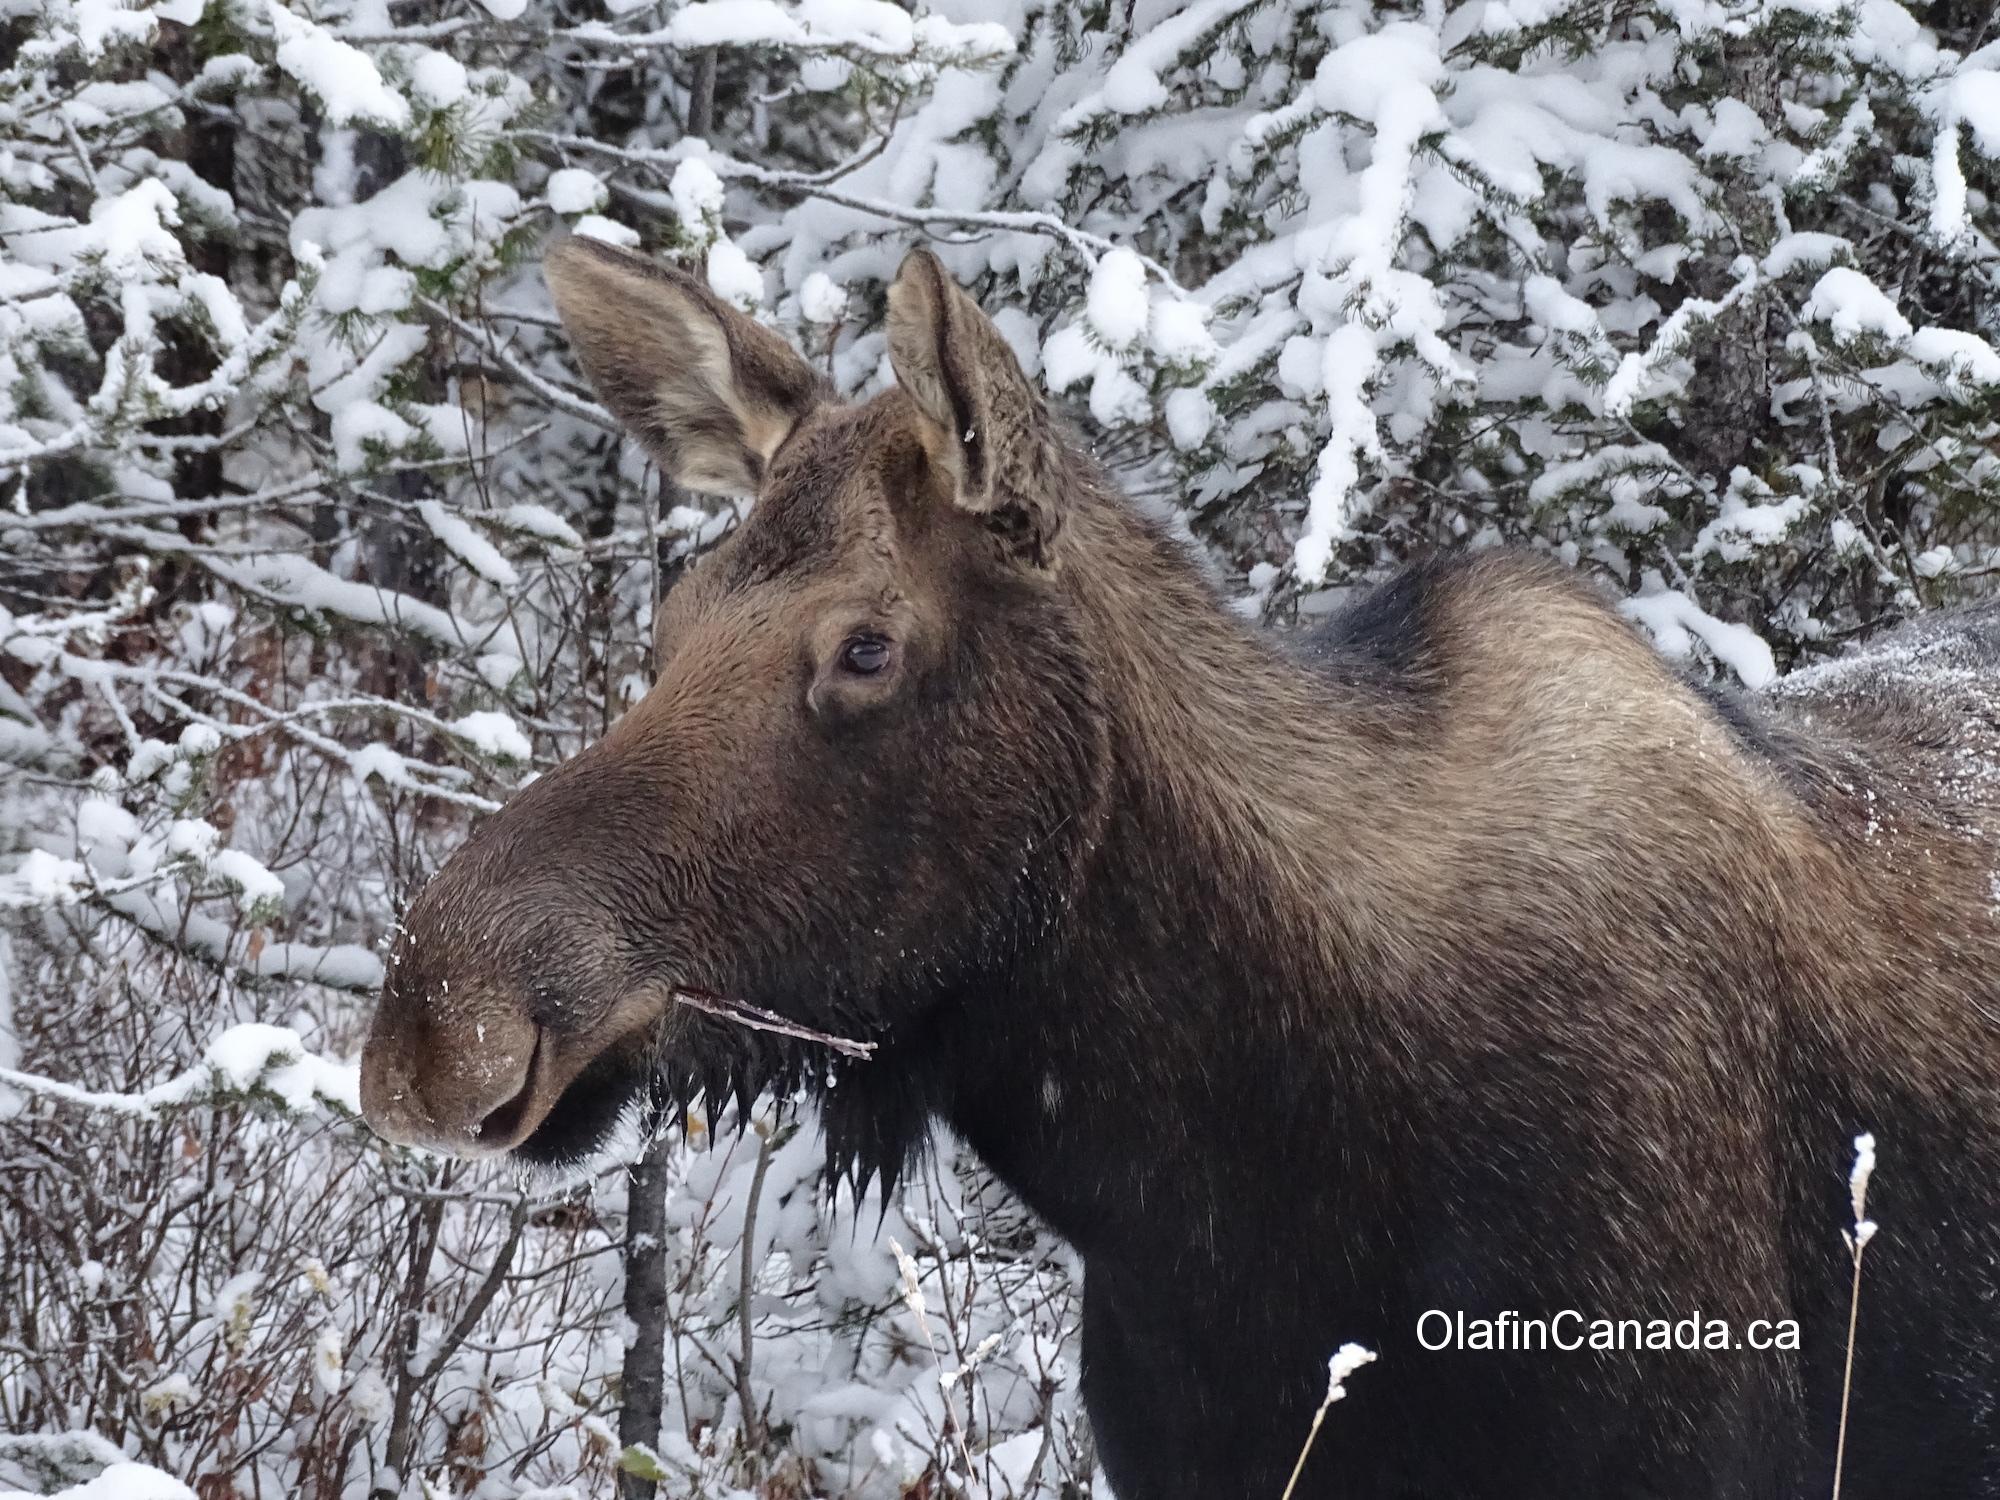 Moose on Maligne Lake road near Jasper AB #olafincanada #alberta #rockies #jasper #wildlife #moose